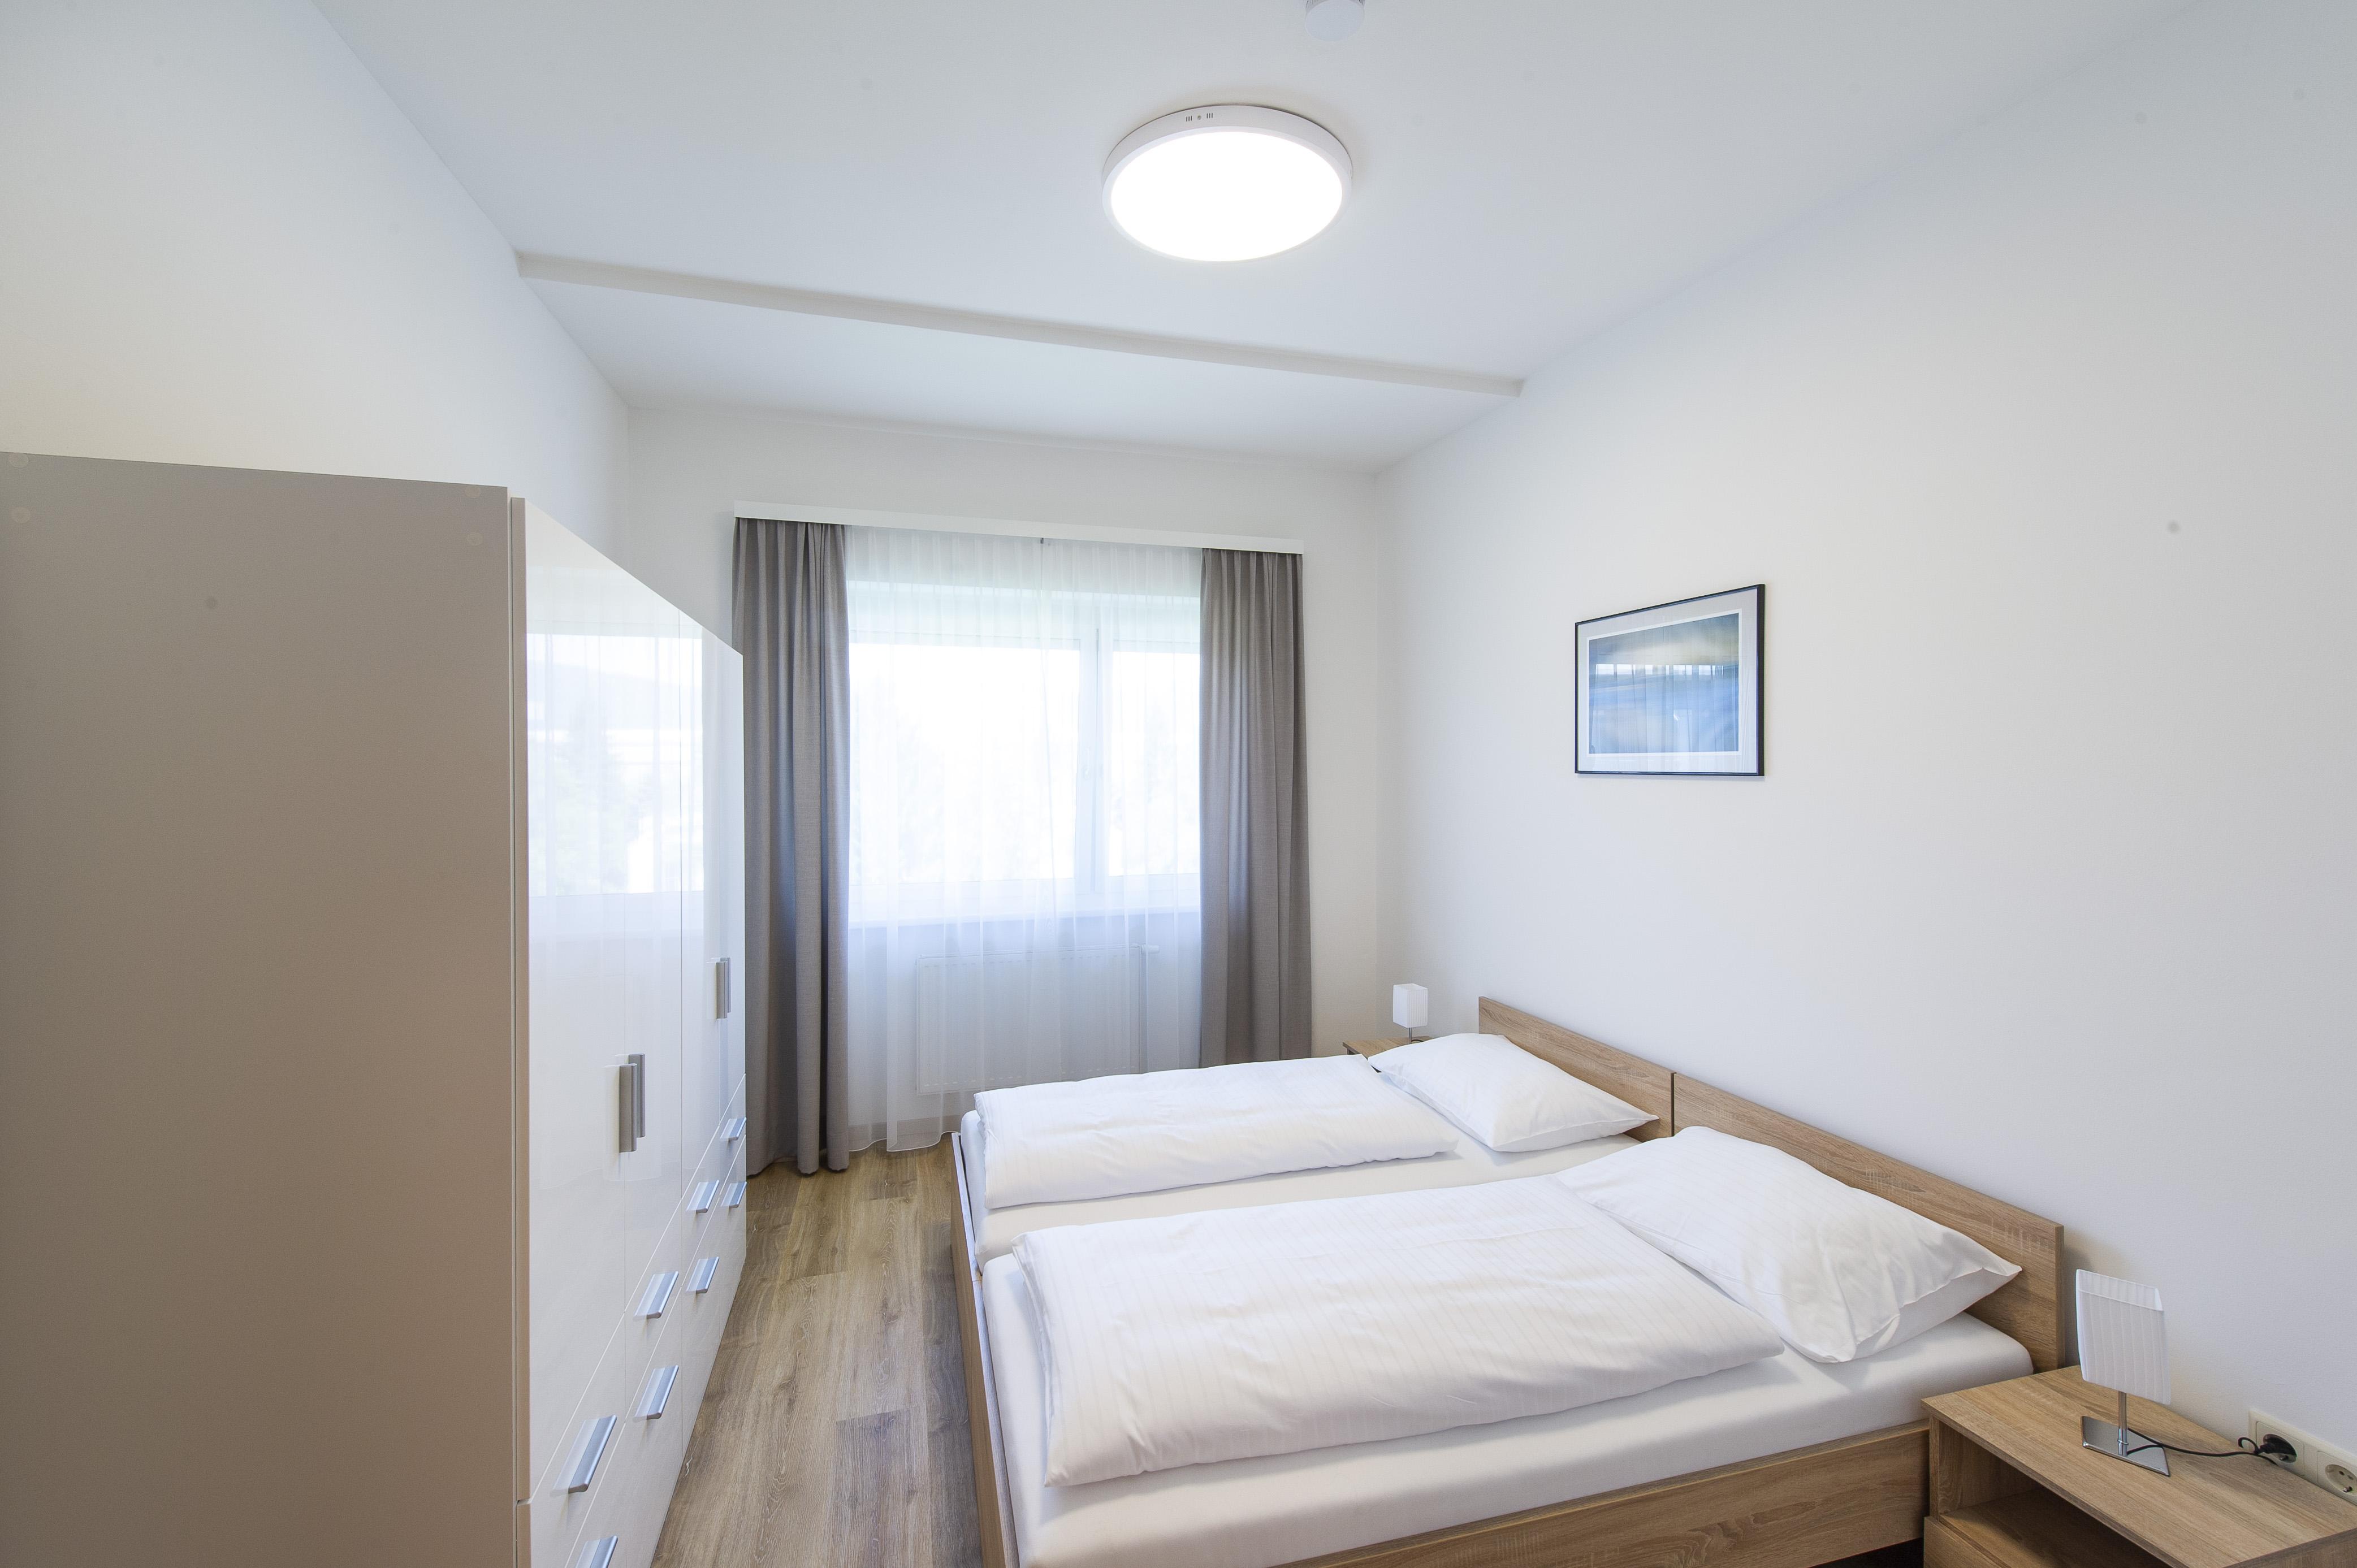 Appartement_Graz_Vorsorgewohnung_ Graz_6_Captura